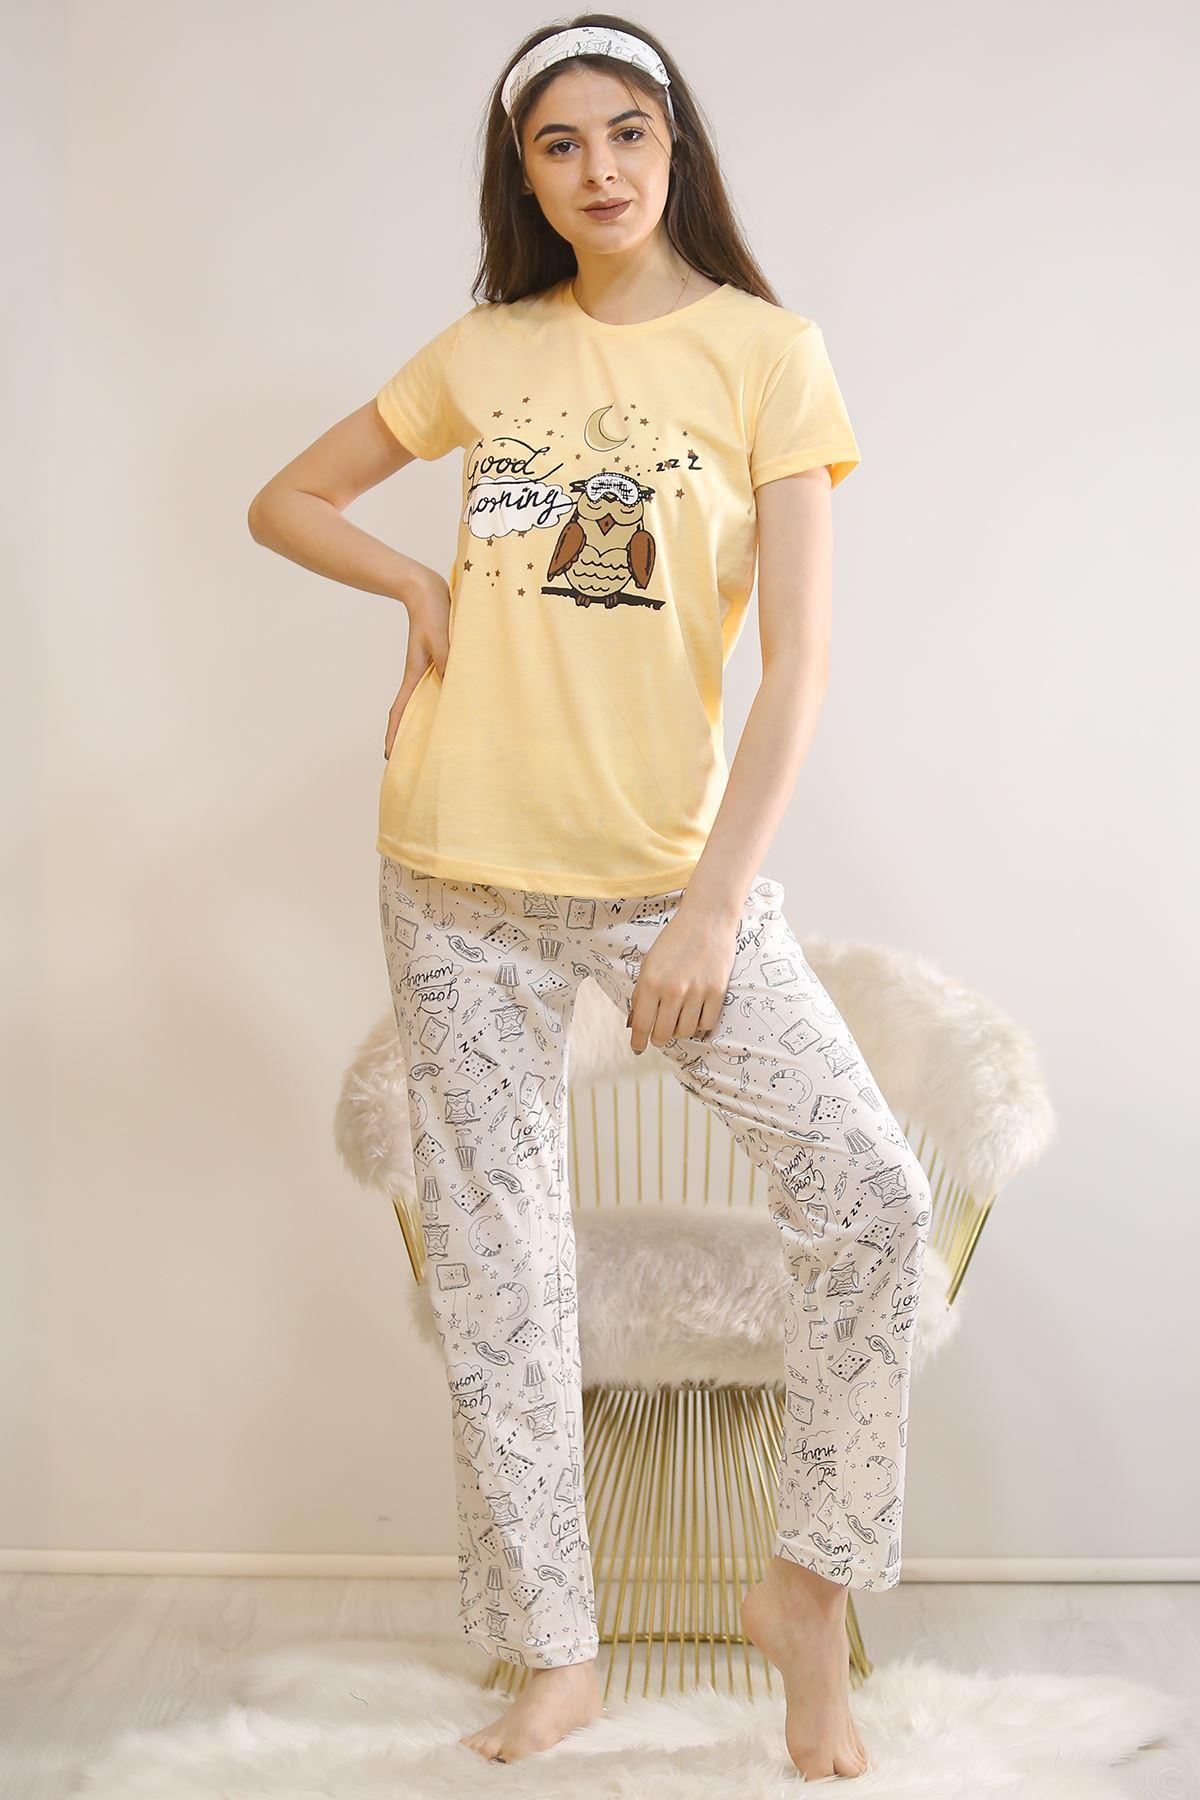 Baskılı Pijama Takımı Sarı - 21445.1059.